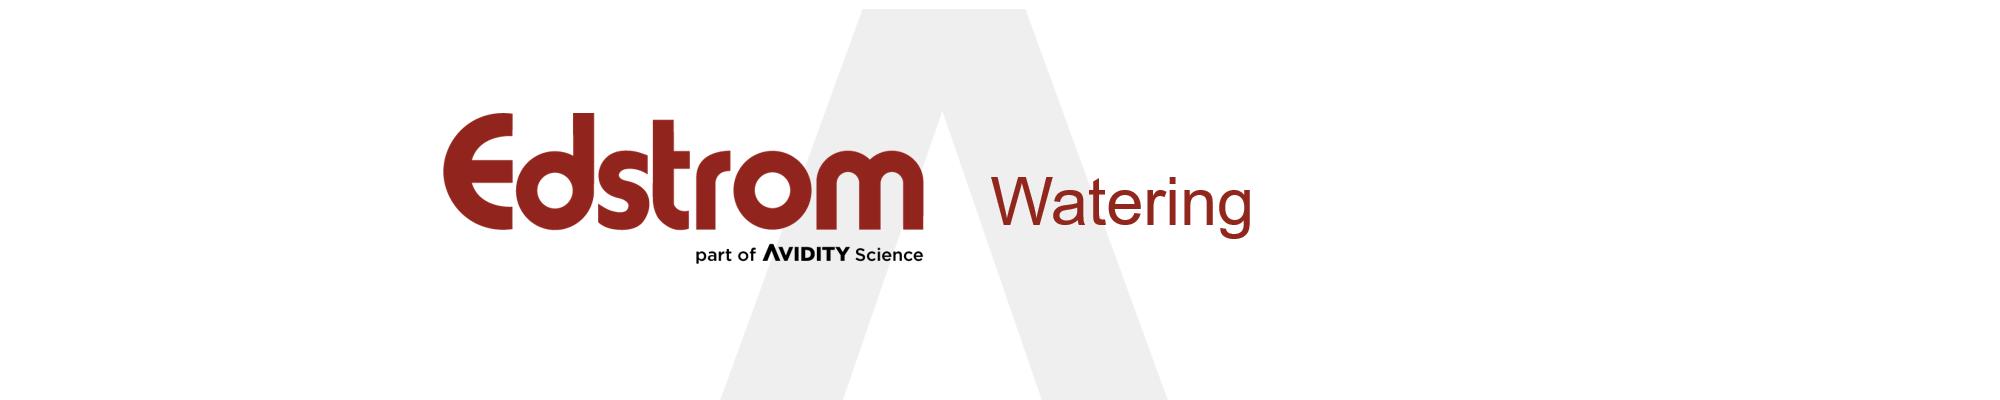 Edstrom Watering